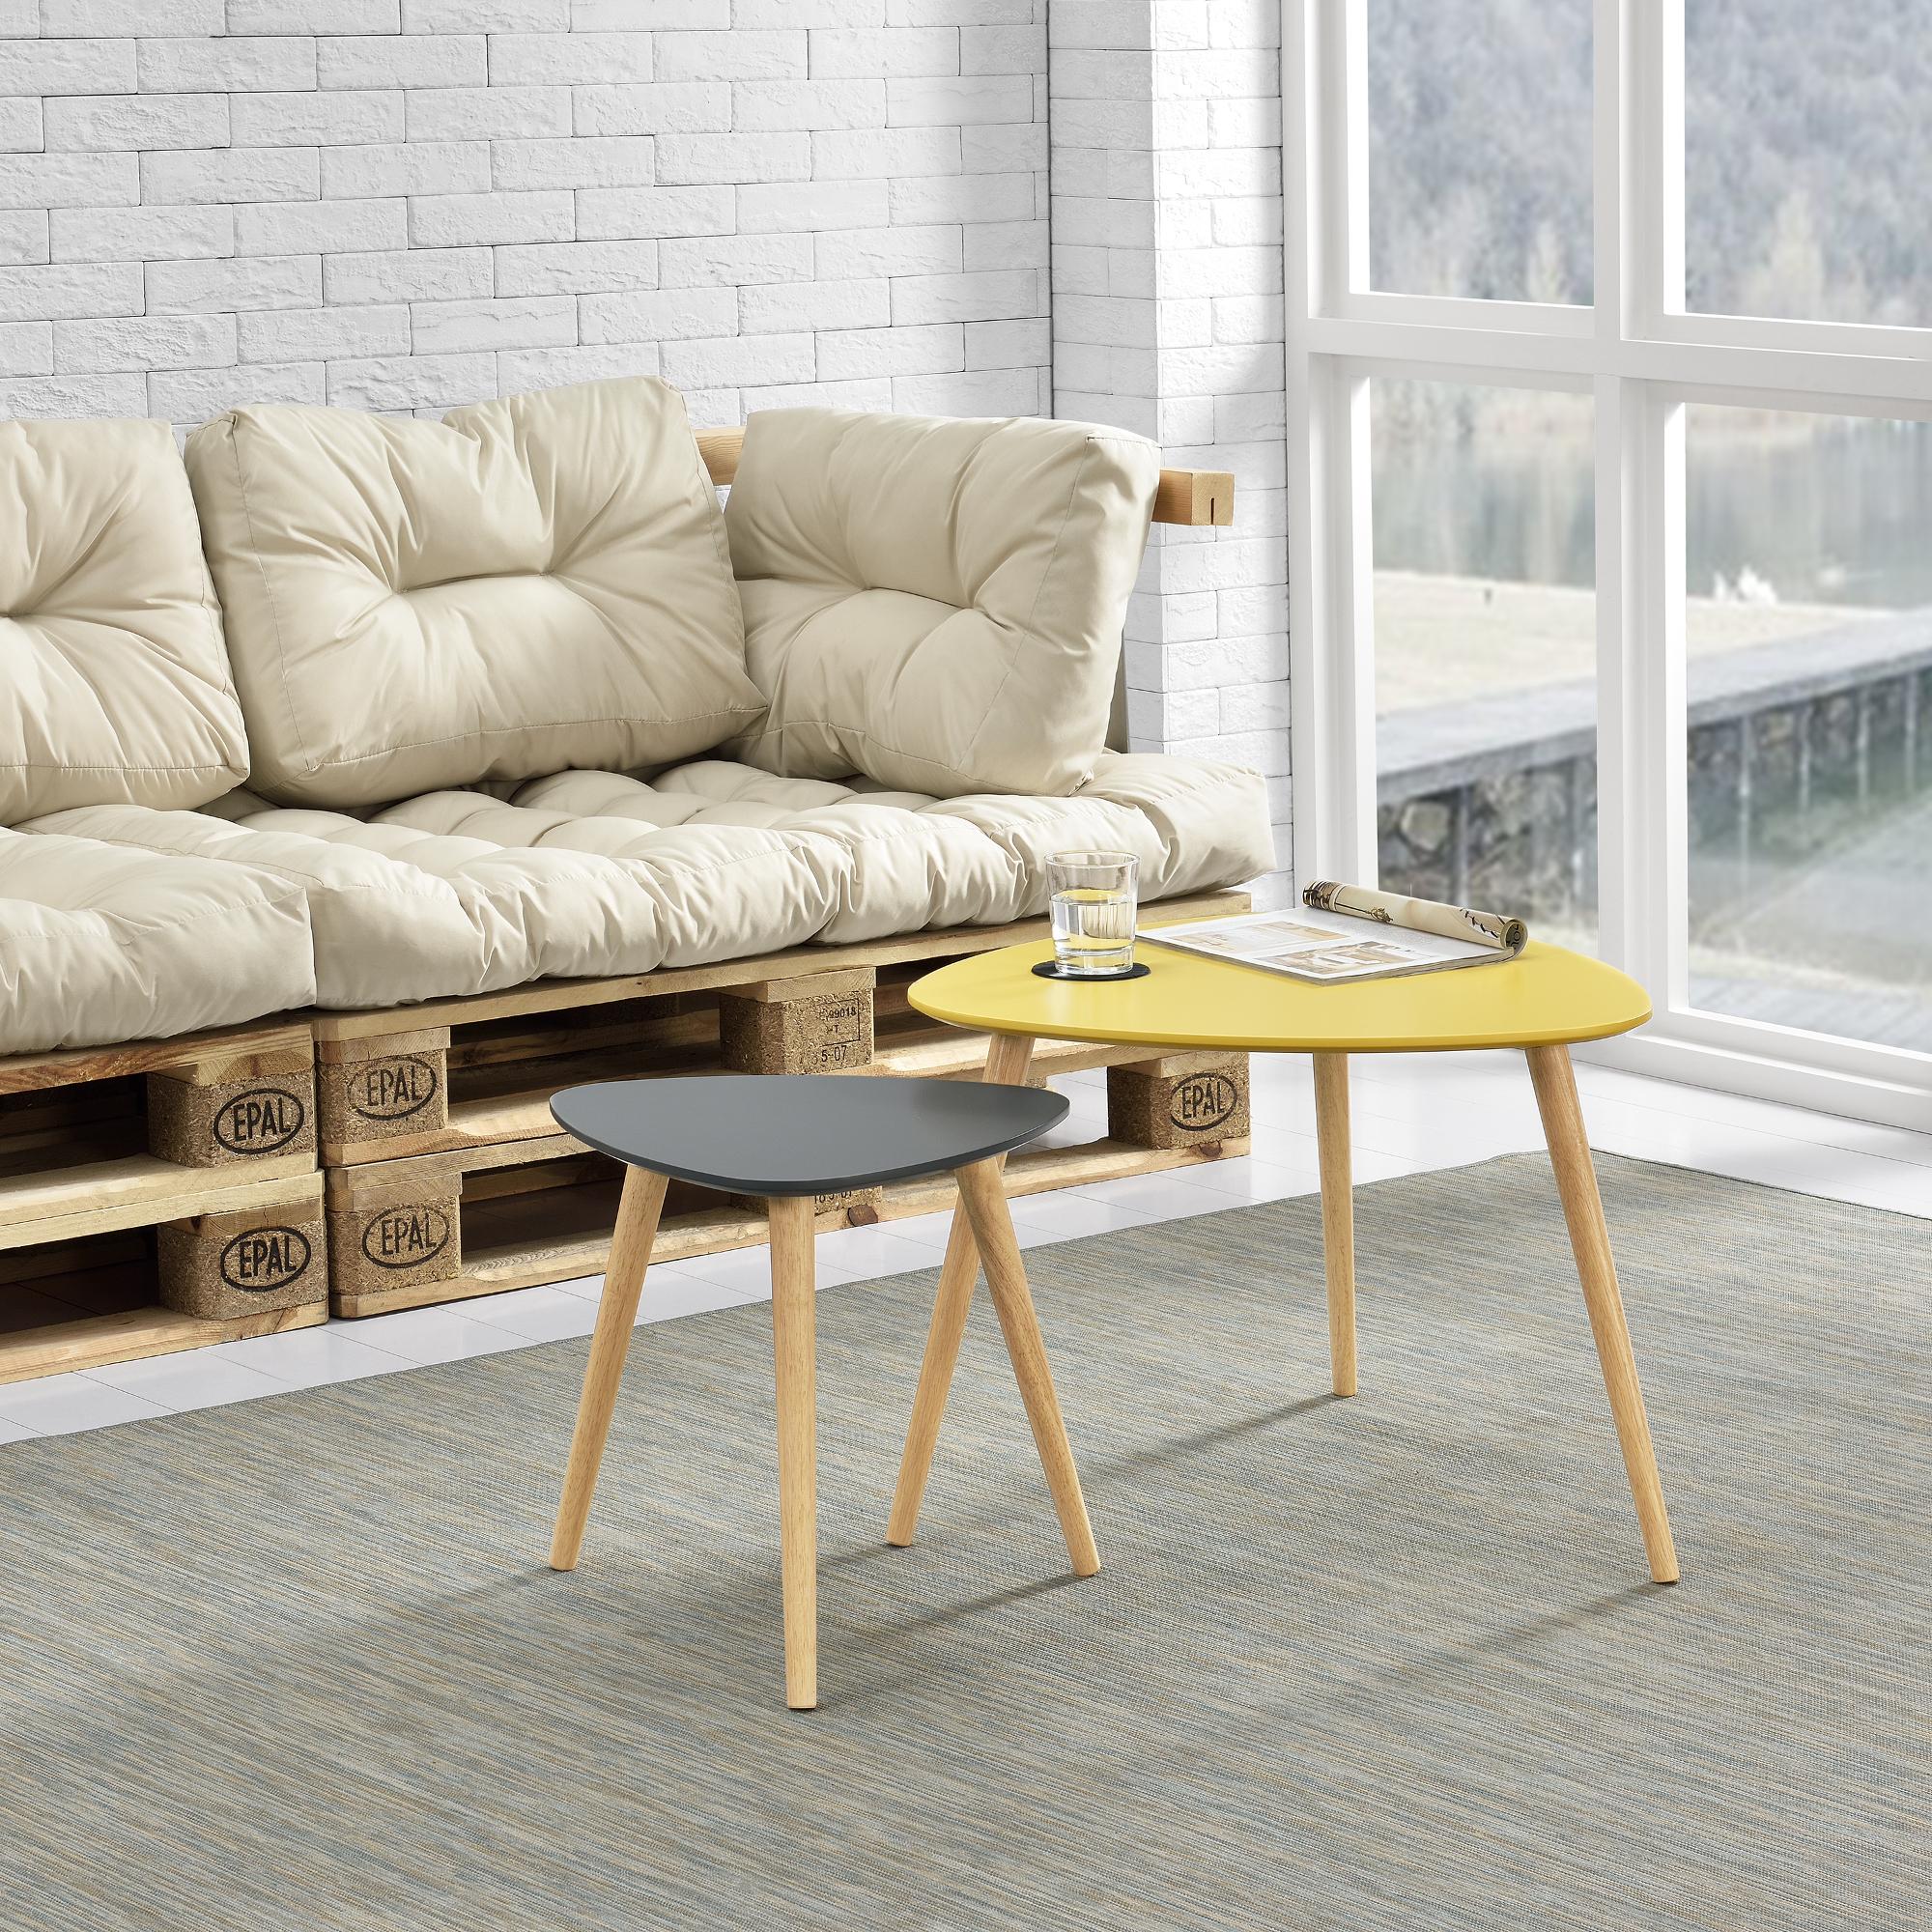 couchtisch 2er set beistelltisch beistell tisch. Black Bedroom Furniture Sets. Home Design Ideas